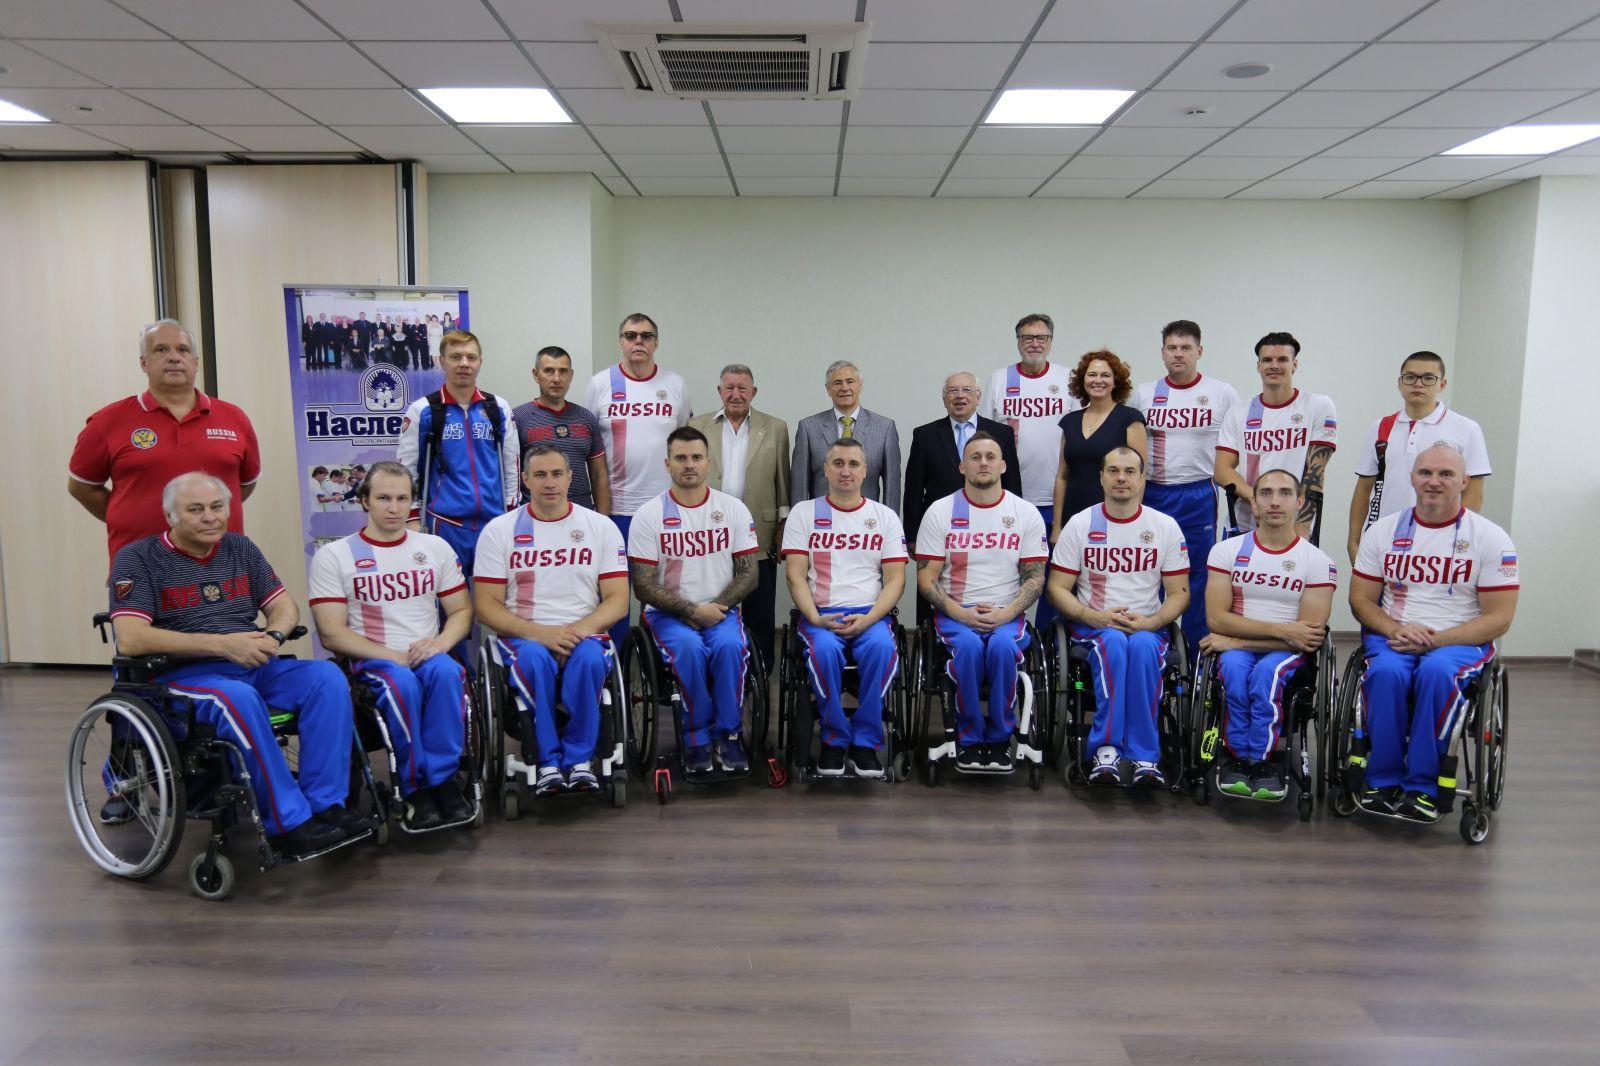 Сборная команда России по баскетболу на колясках примет участие в чемпионате Европы в дивизионе А в Польше